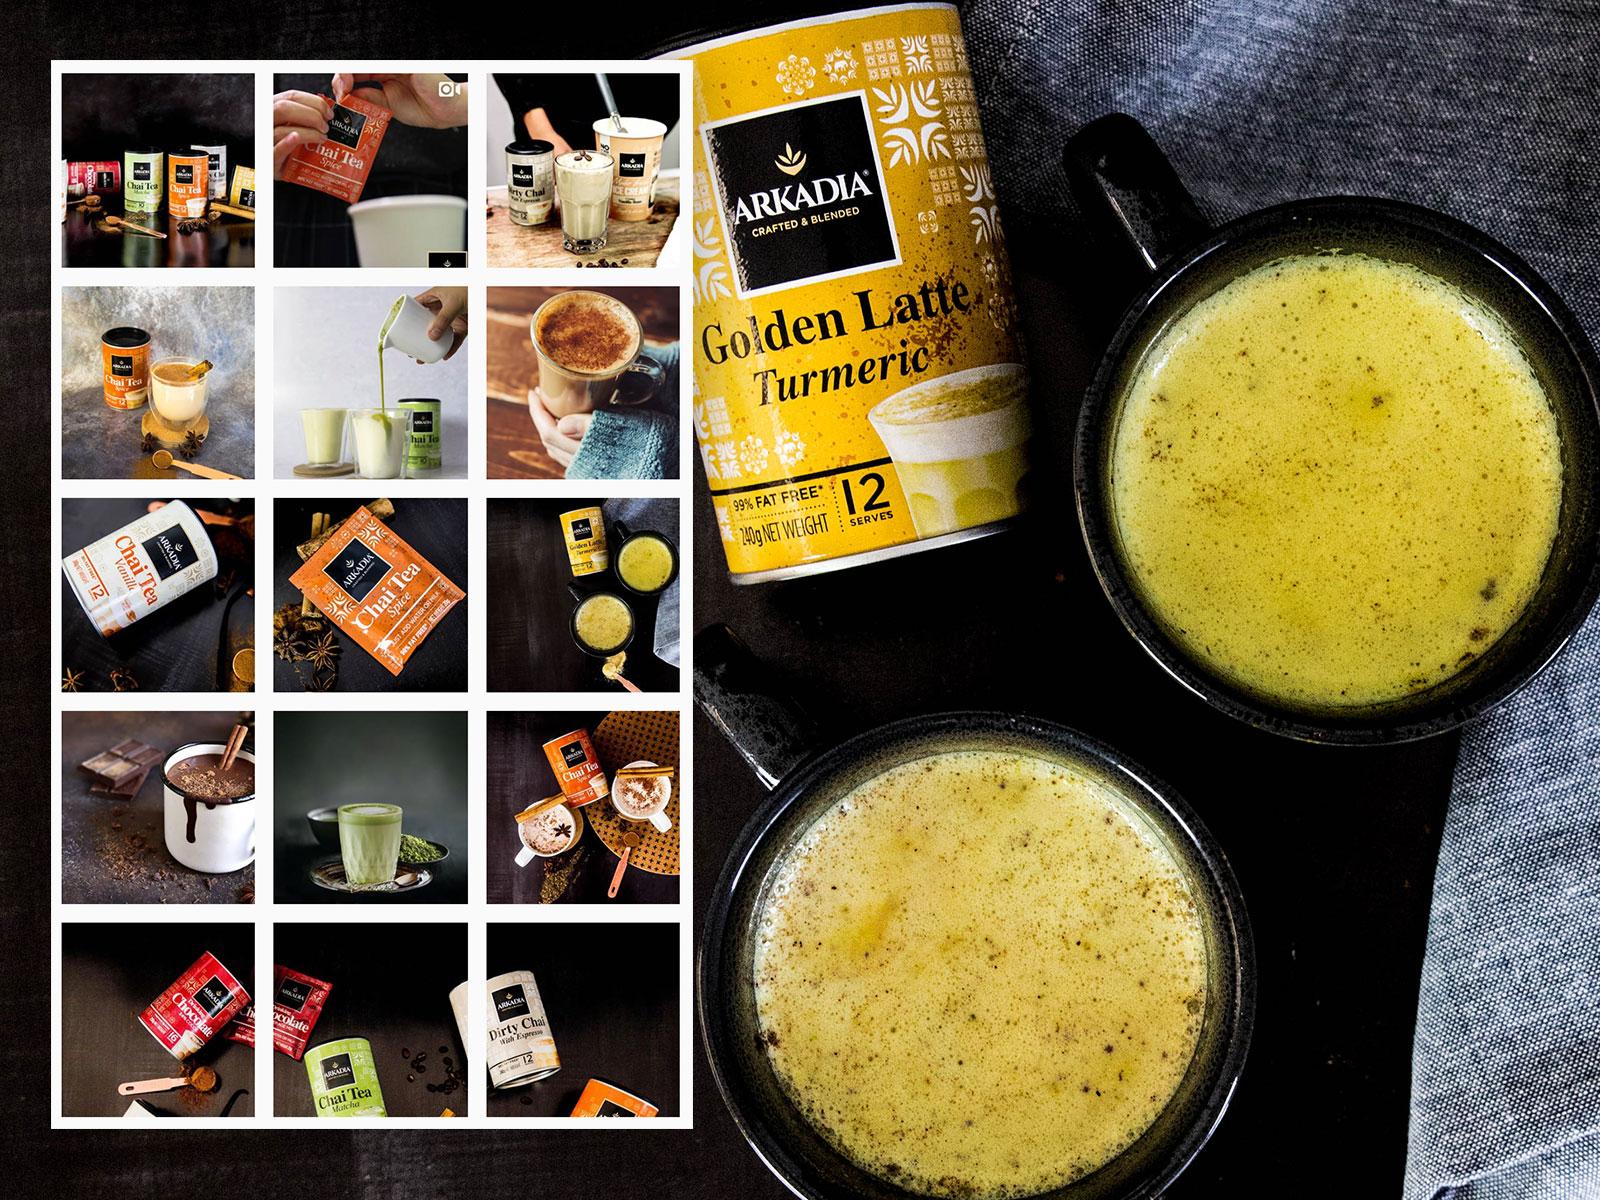 SOCIAL MEDIA & CONTENT: Arkadia Beverages